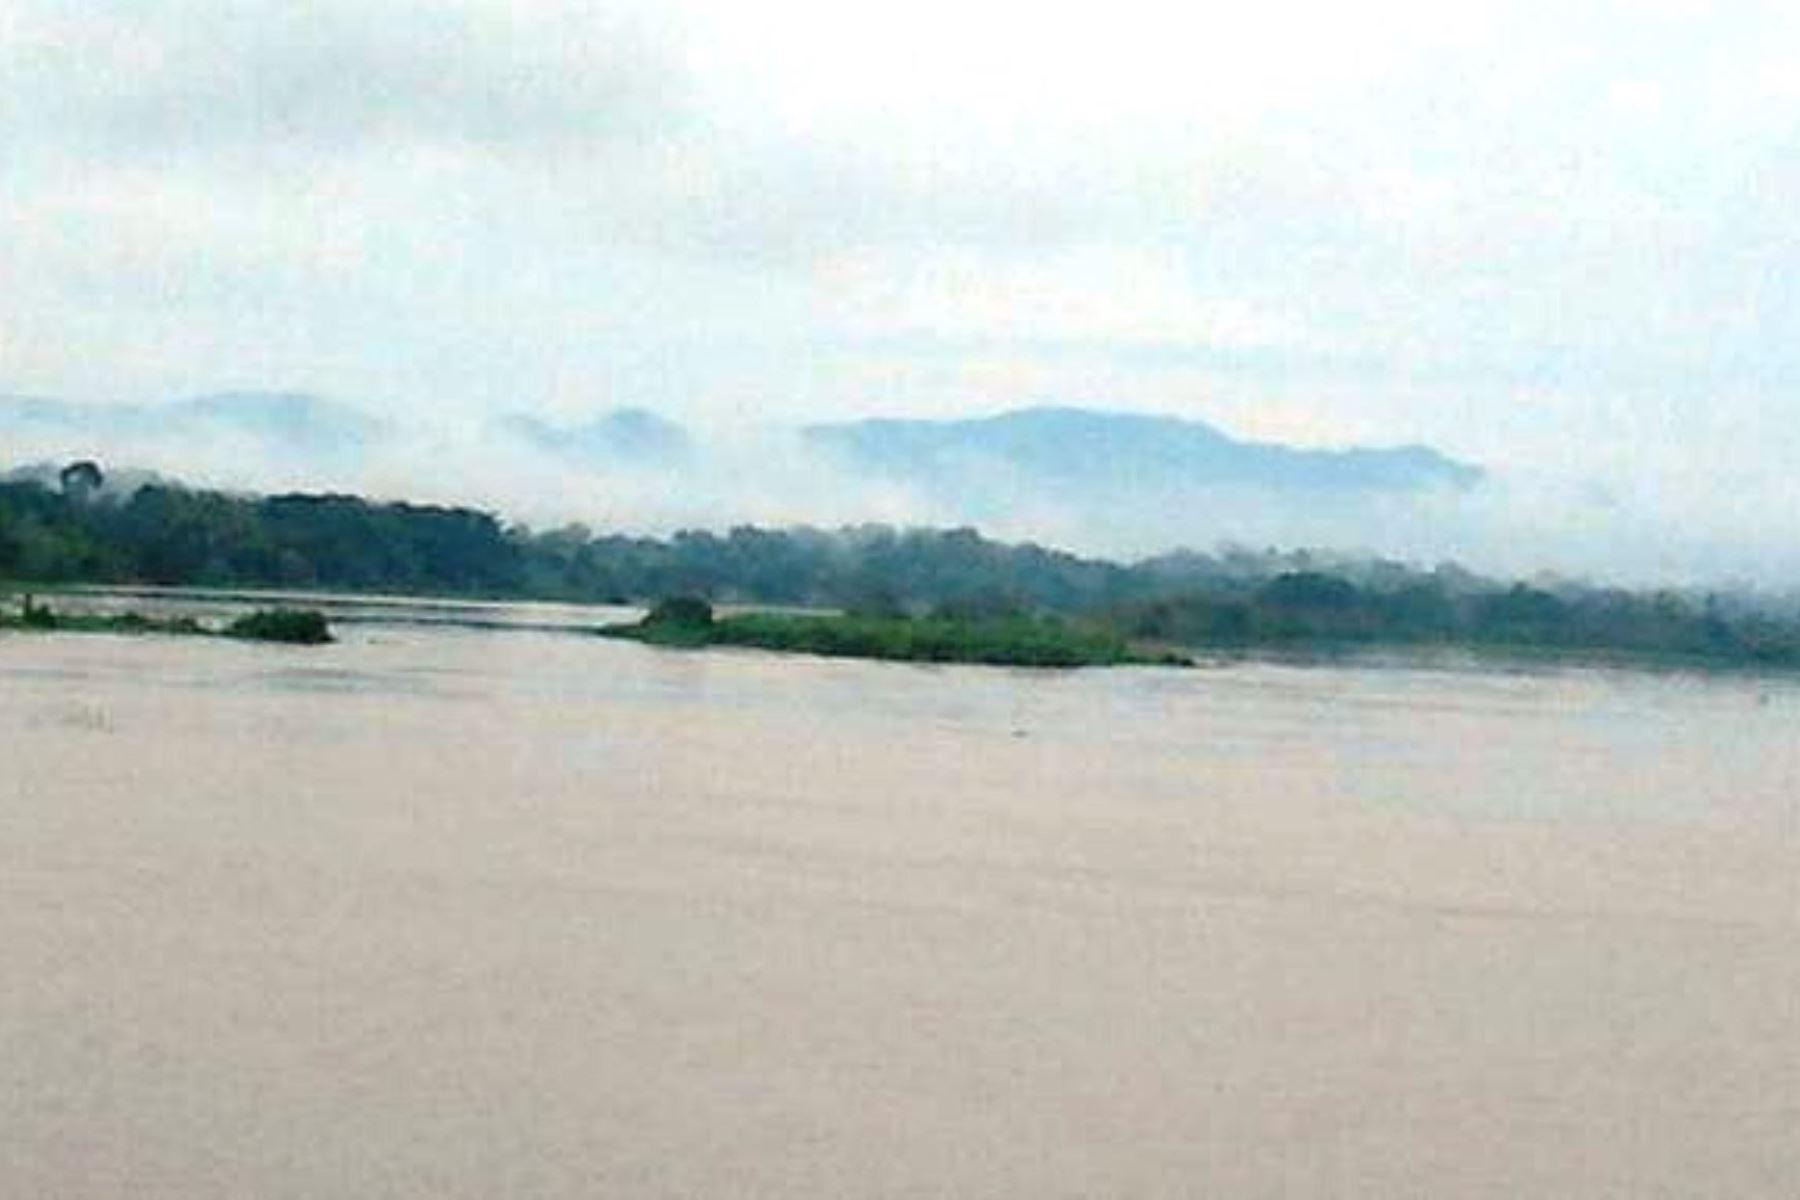 Desborde del  río Ucayali podría afectar la zona baja del distrito de Requena y las localidades de Yanallpa, Nuevo Progreso, Santa Rosa, 11 de Agosto y Nueva Florida en la provincia de Requena. ANDINA/Difusión